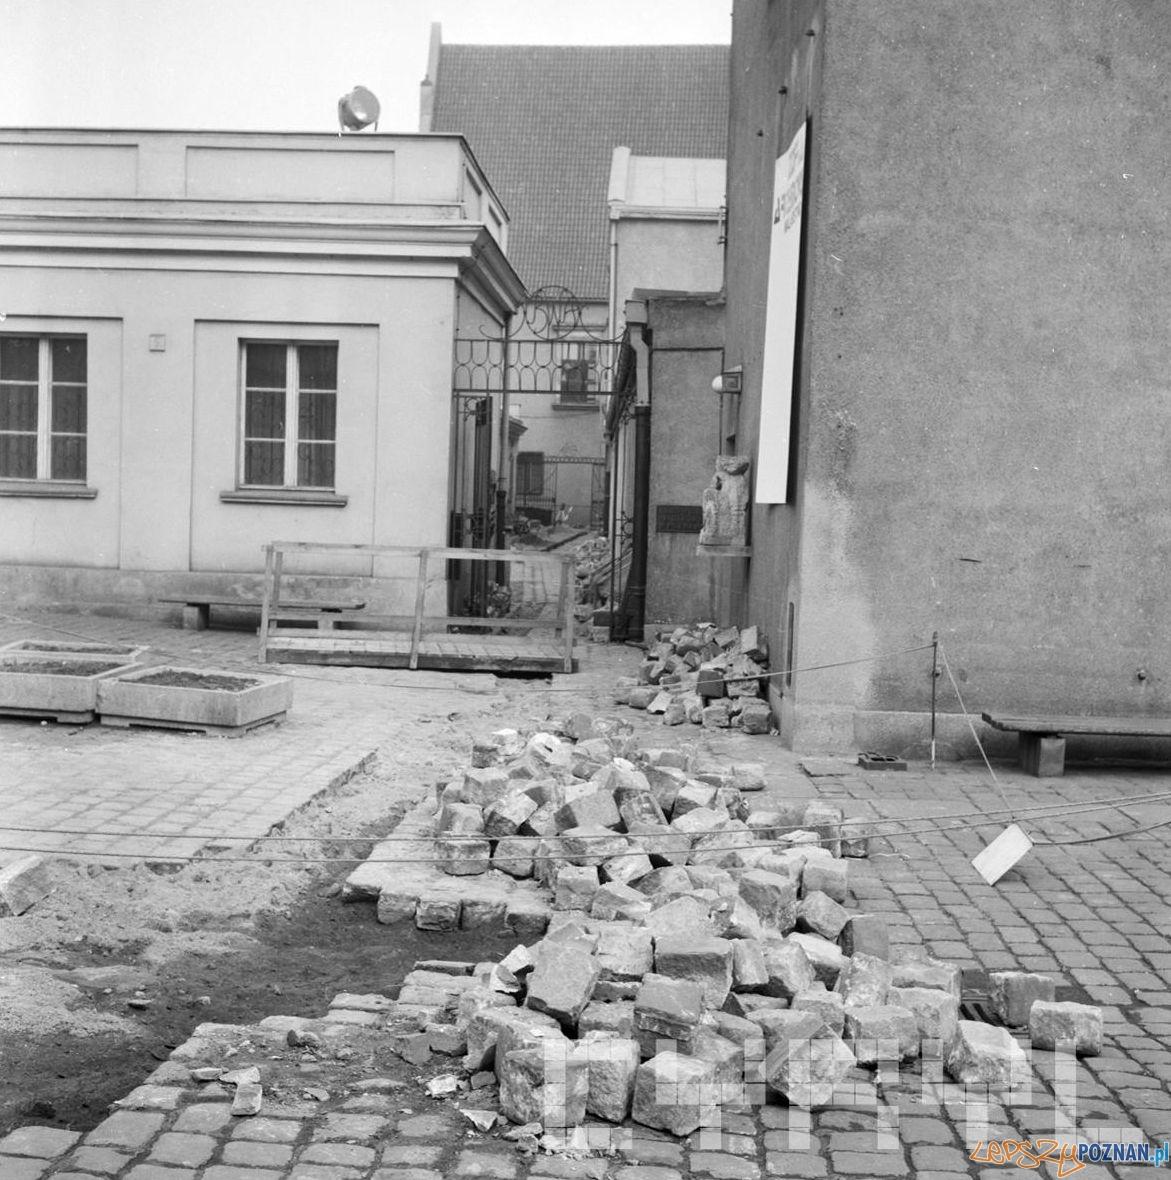 Prace brukowe przy Arsenale na Starym Rynku - 16.03.1975  Foto: Stanisław Wiktor / Cyryl